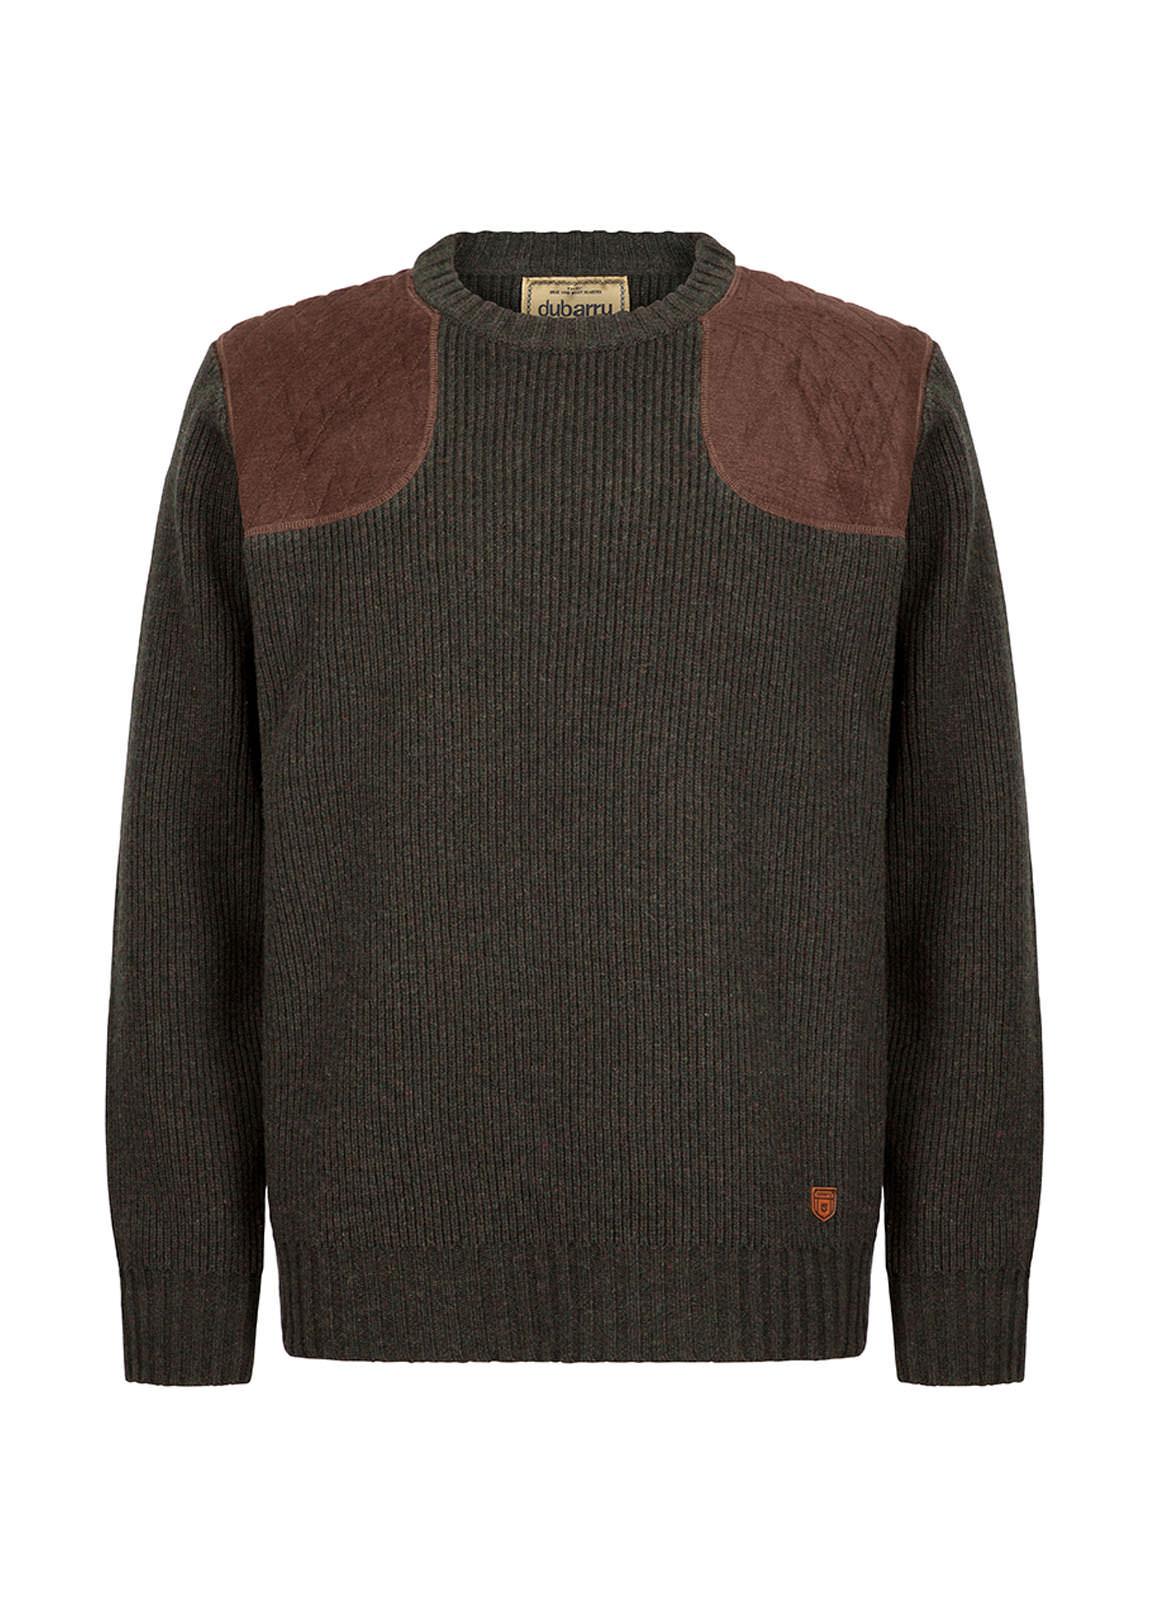 Mulligan Men's Sweater - Olive